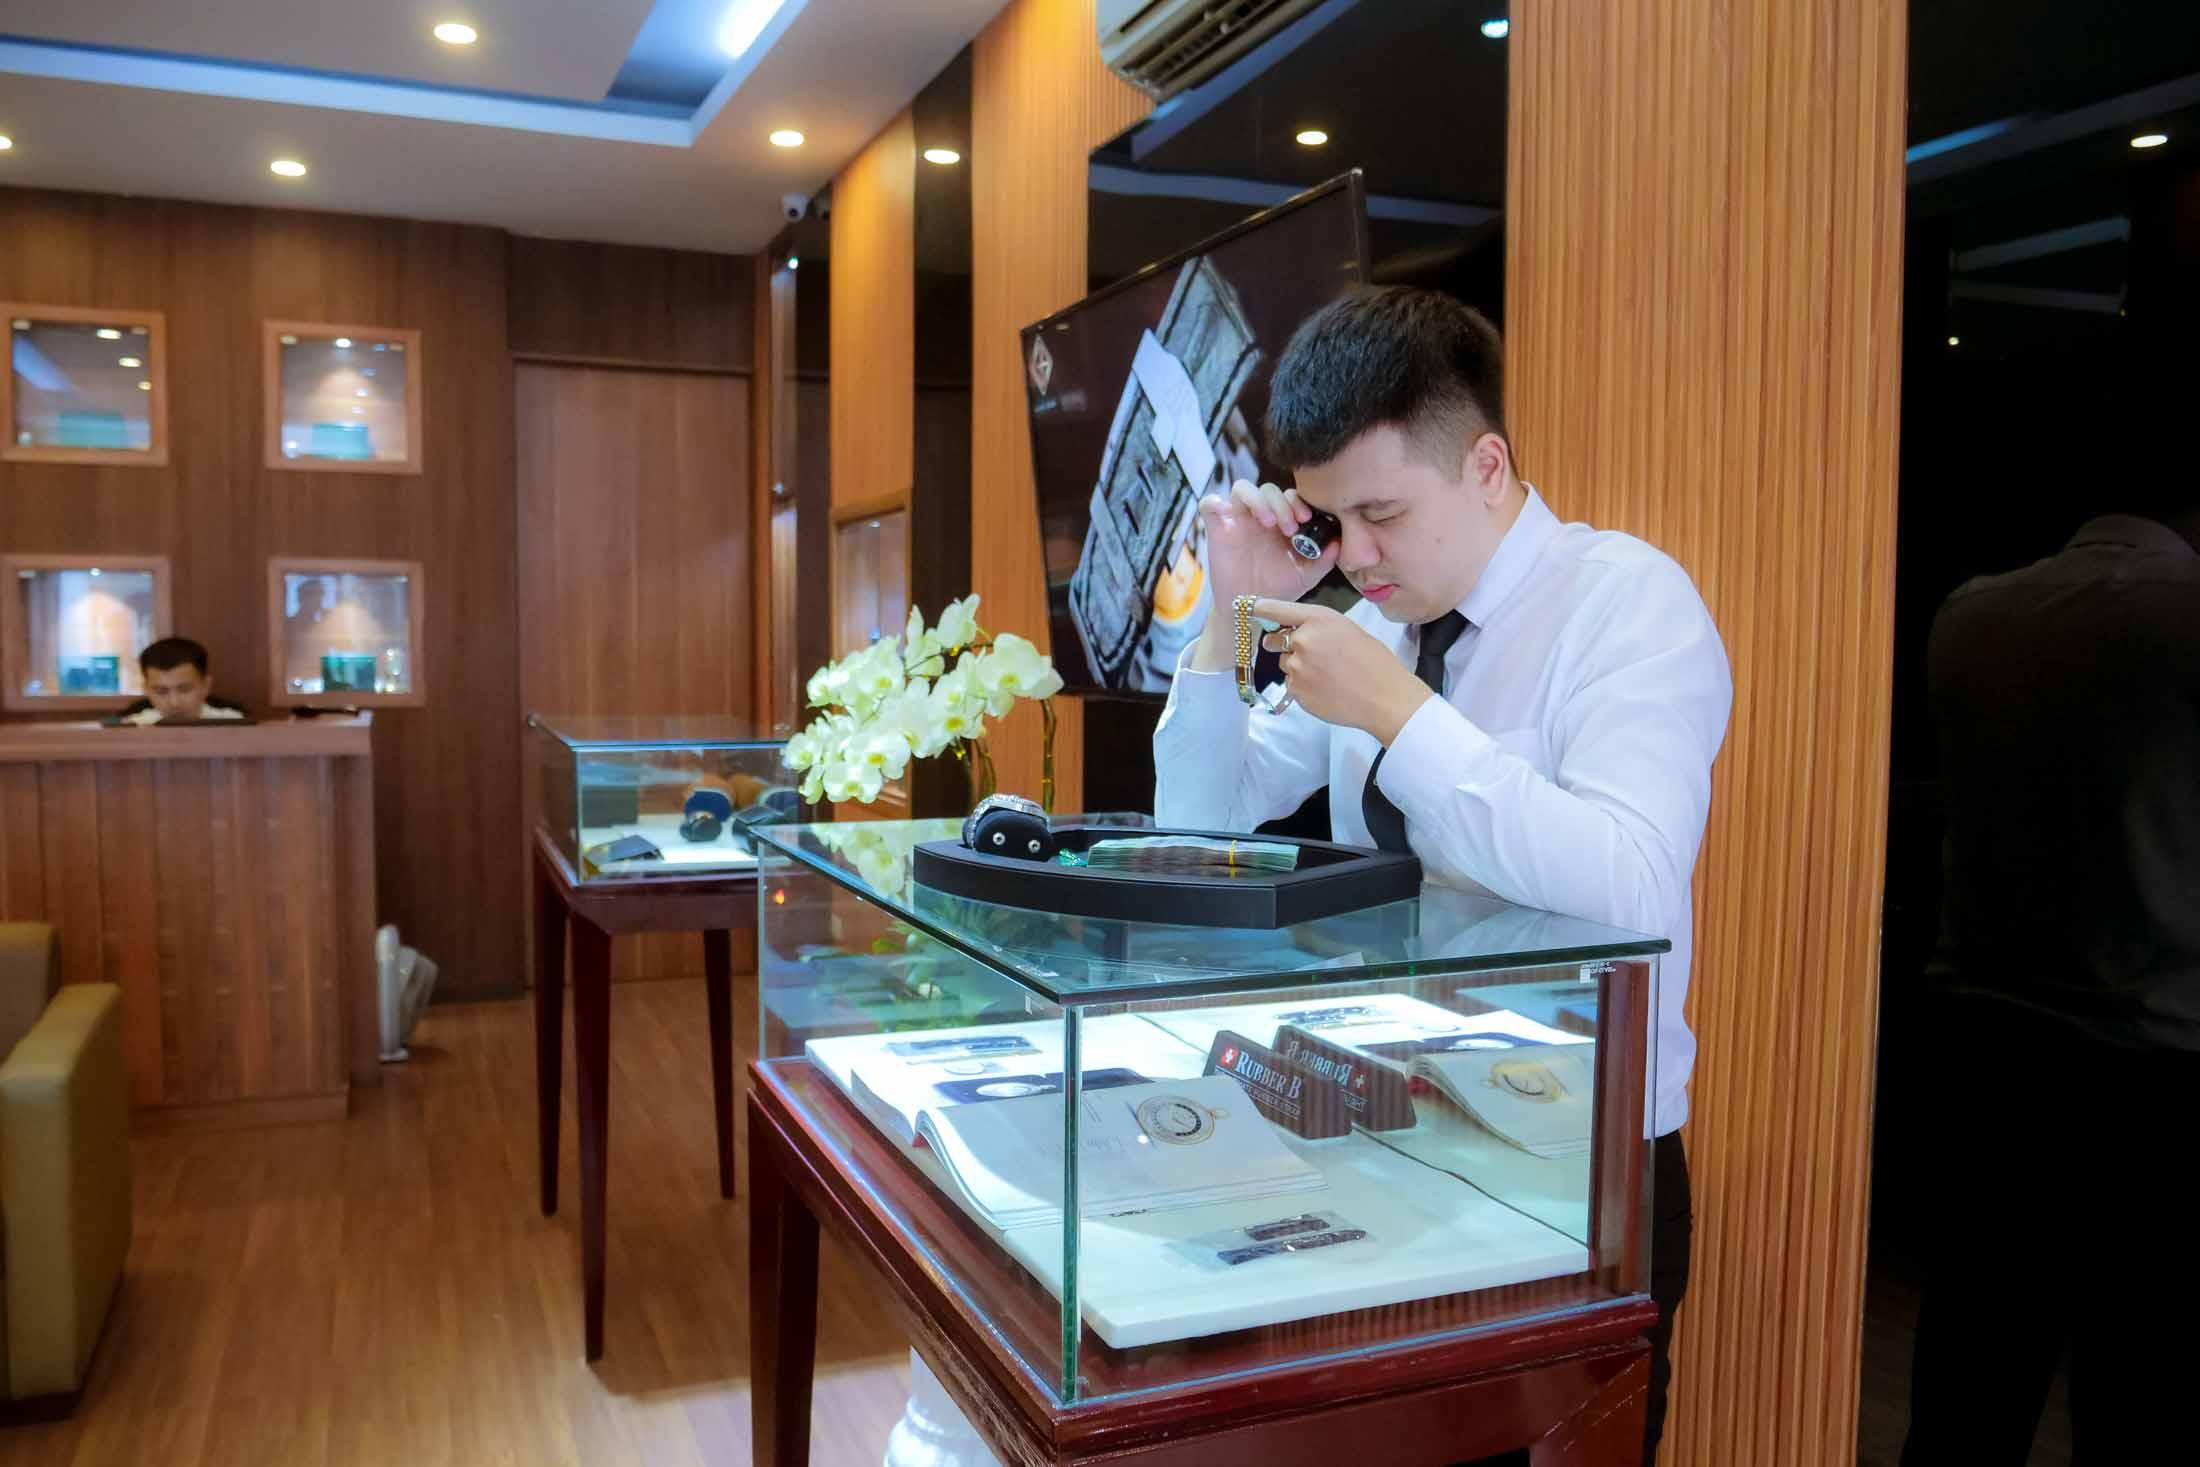 Chuyên gia về đồng hồ tại Gia Bảo Luxury tiến hành thẩm định sản phẩm và định giá theo mức giá tốt nhất trên thị trường